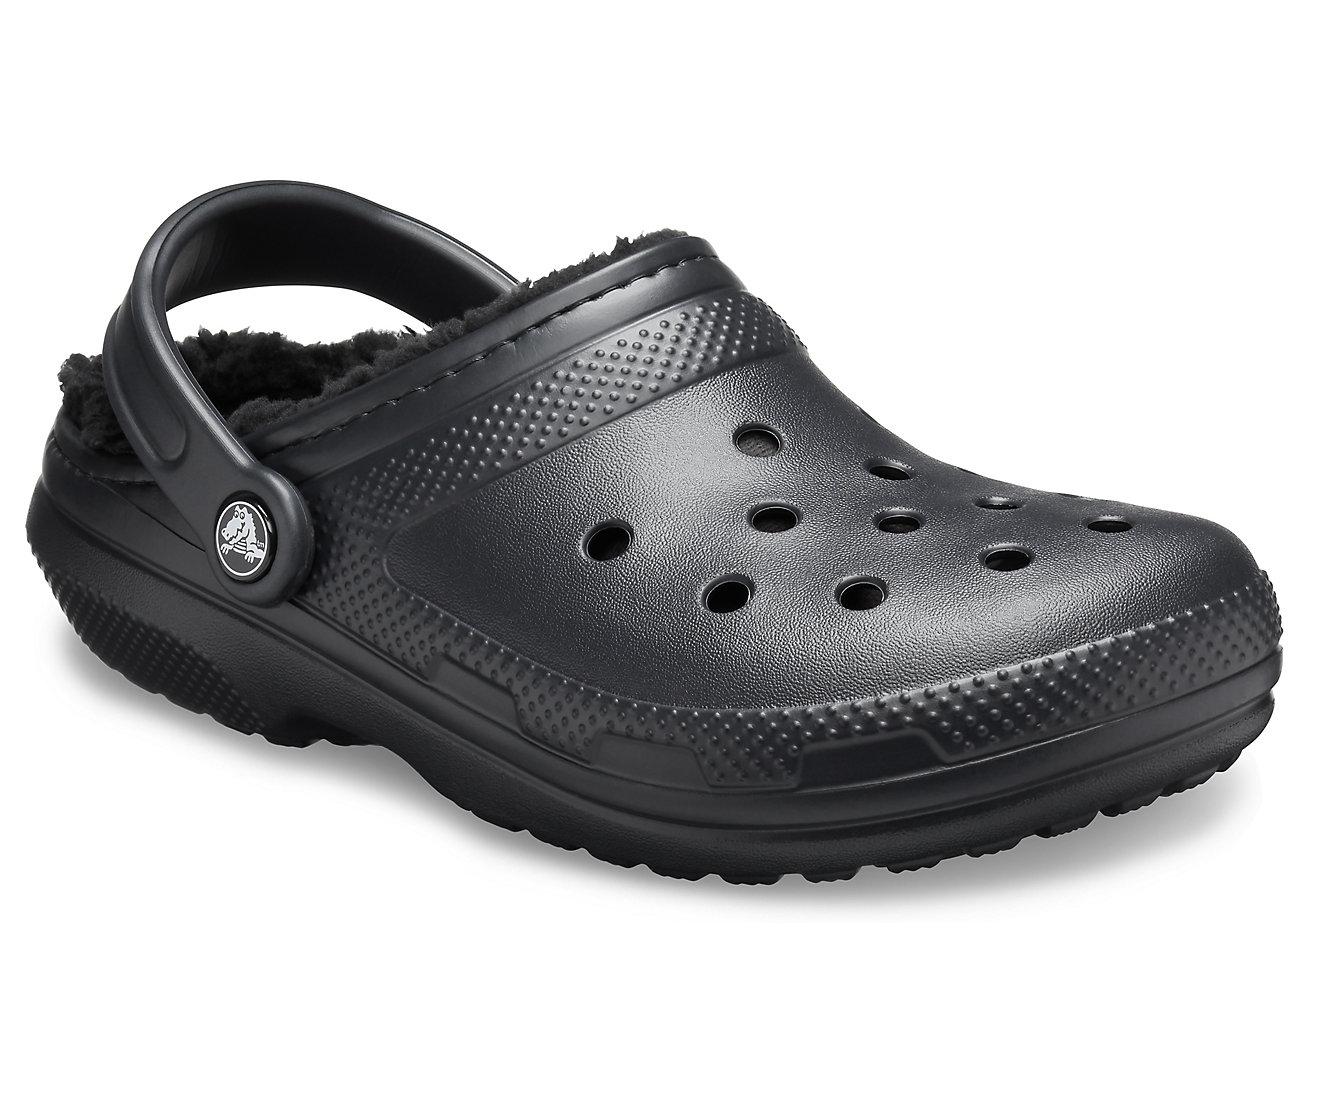 Crocs Lined Clog 203591-060 BLACK/BLACK Μαύρο